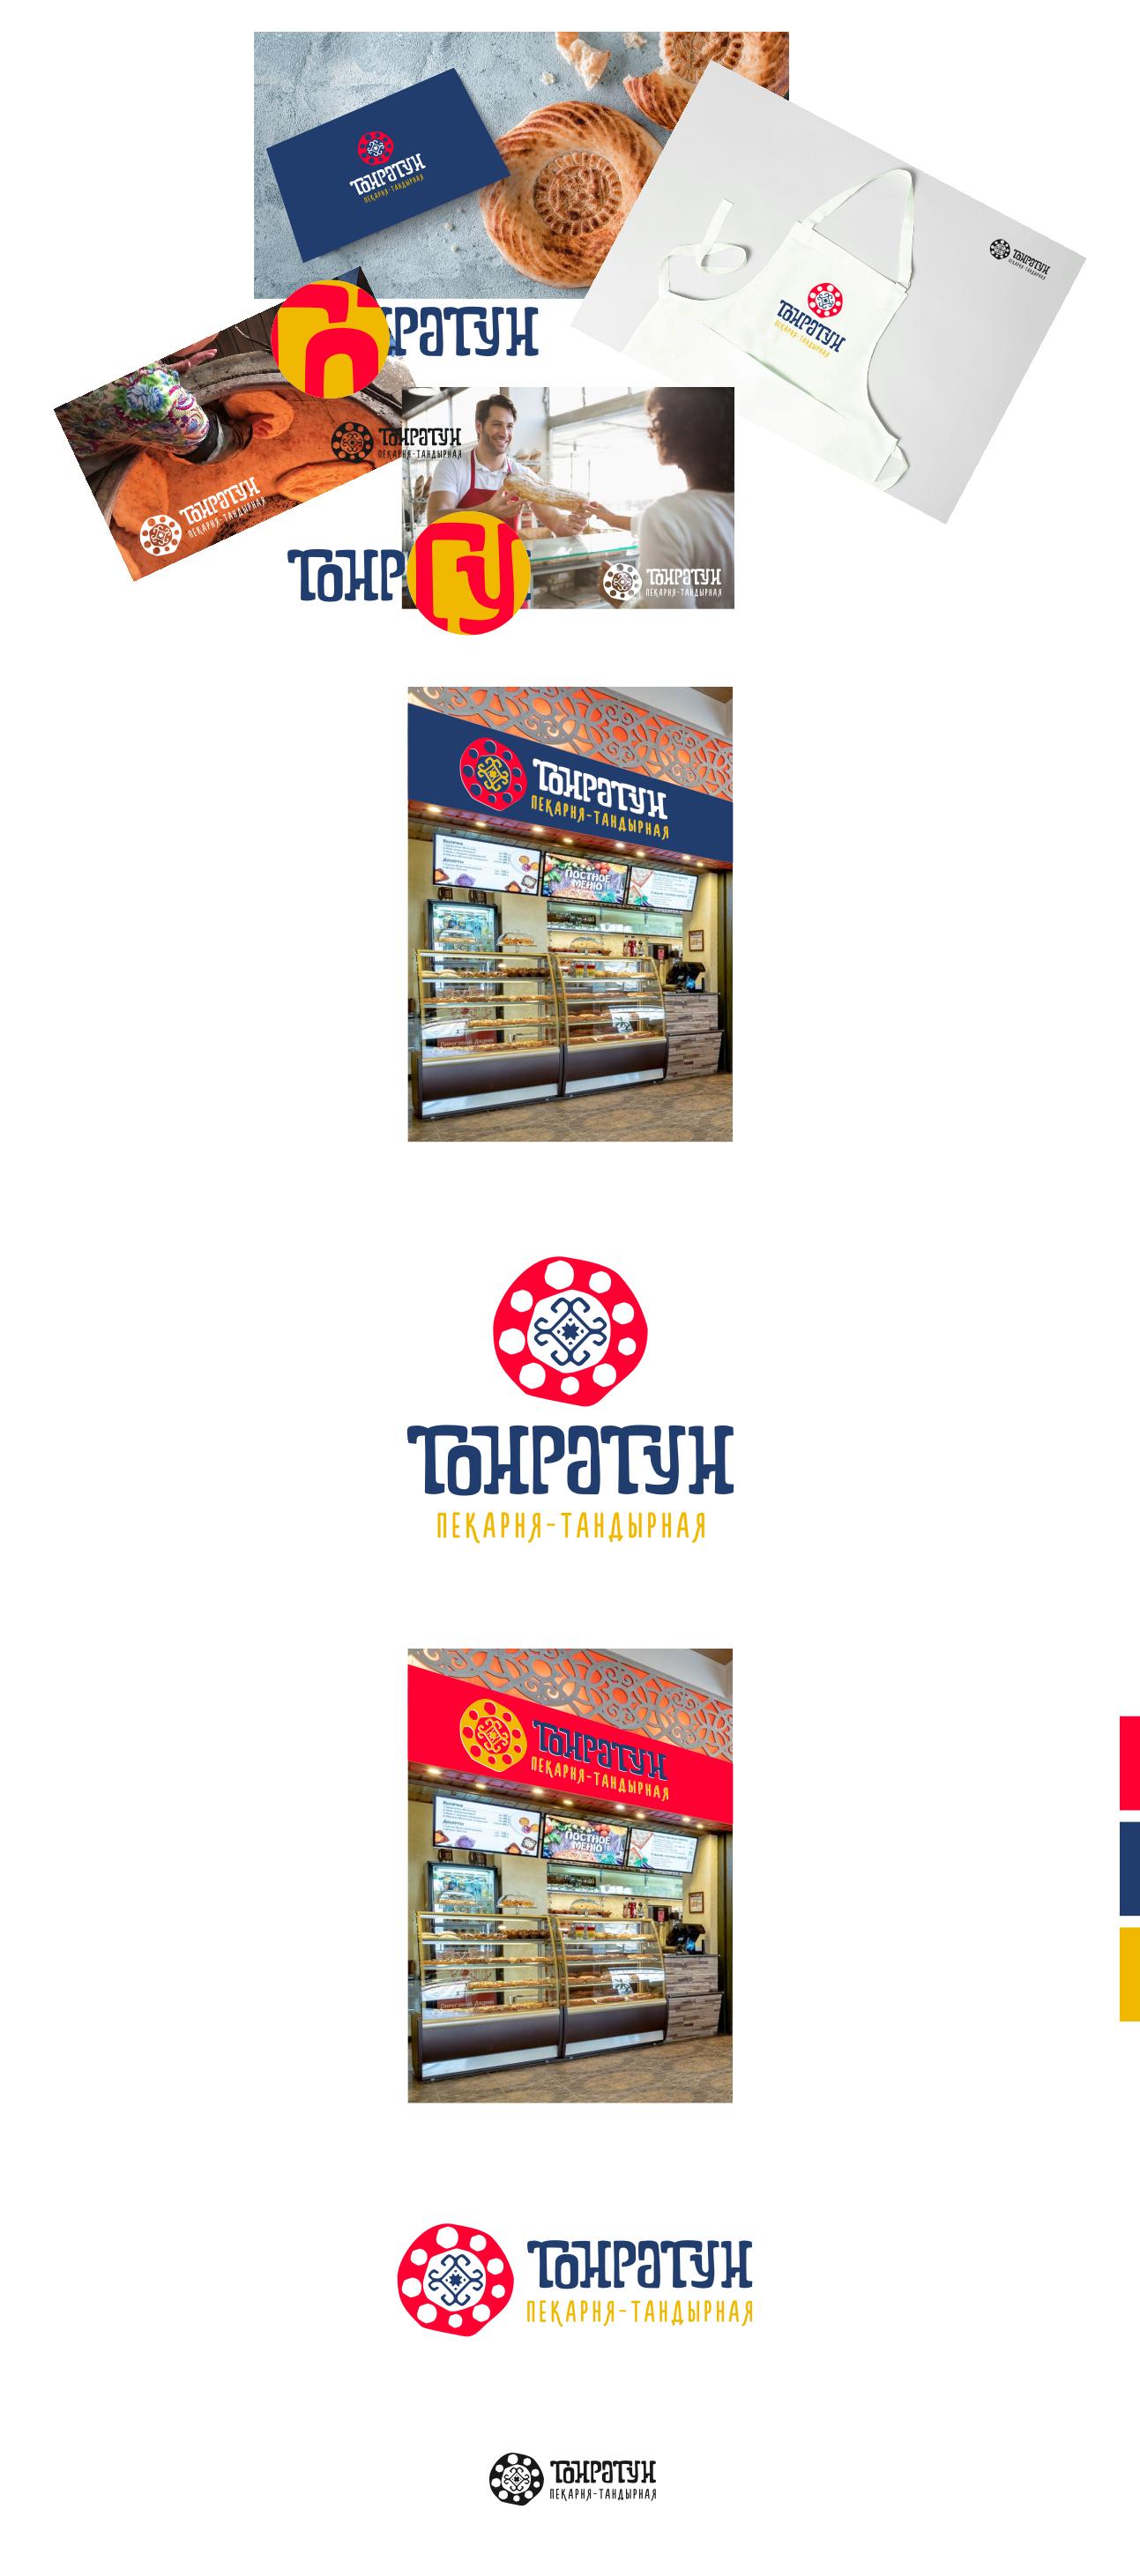 Логотип для Пекарни-Тандырной  фото f_8565d91af895f1ba.png